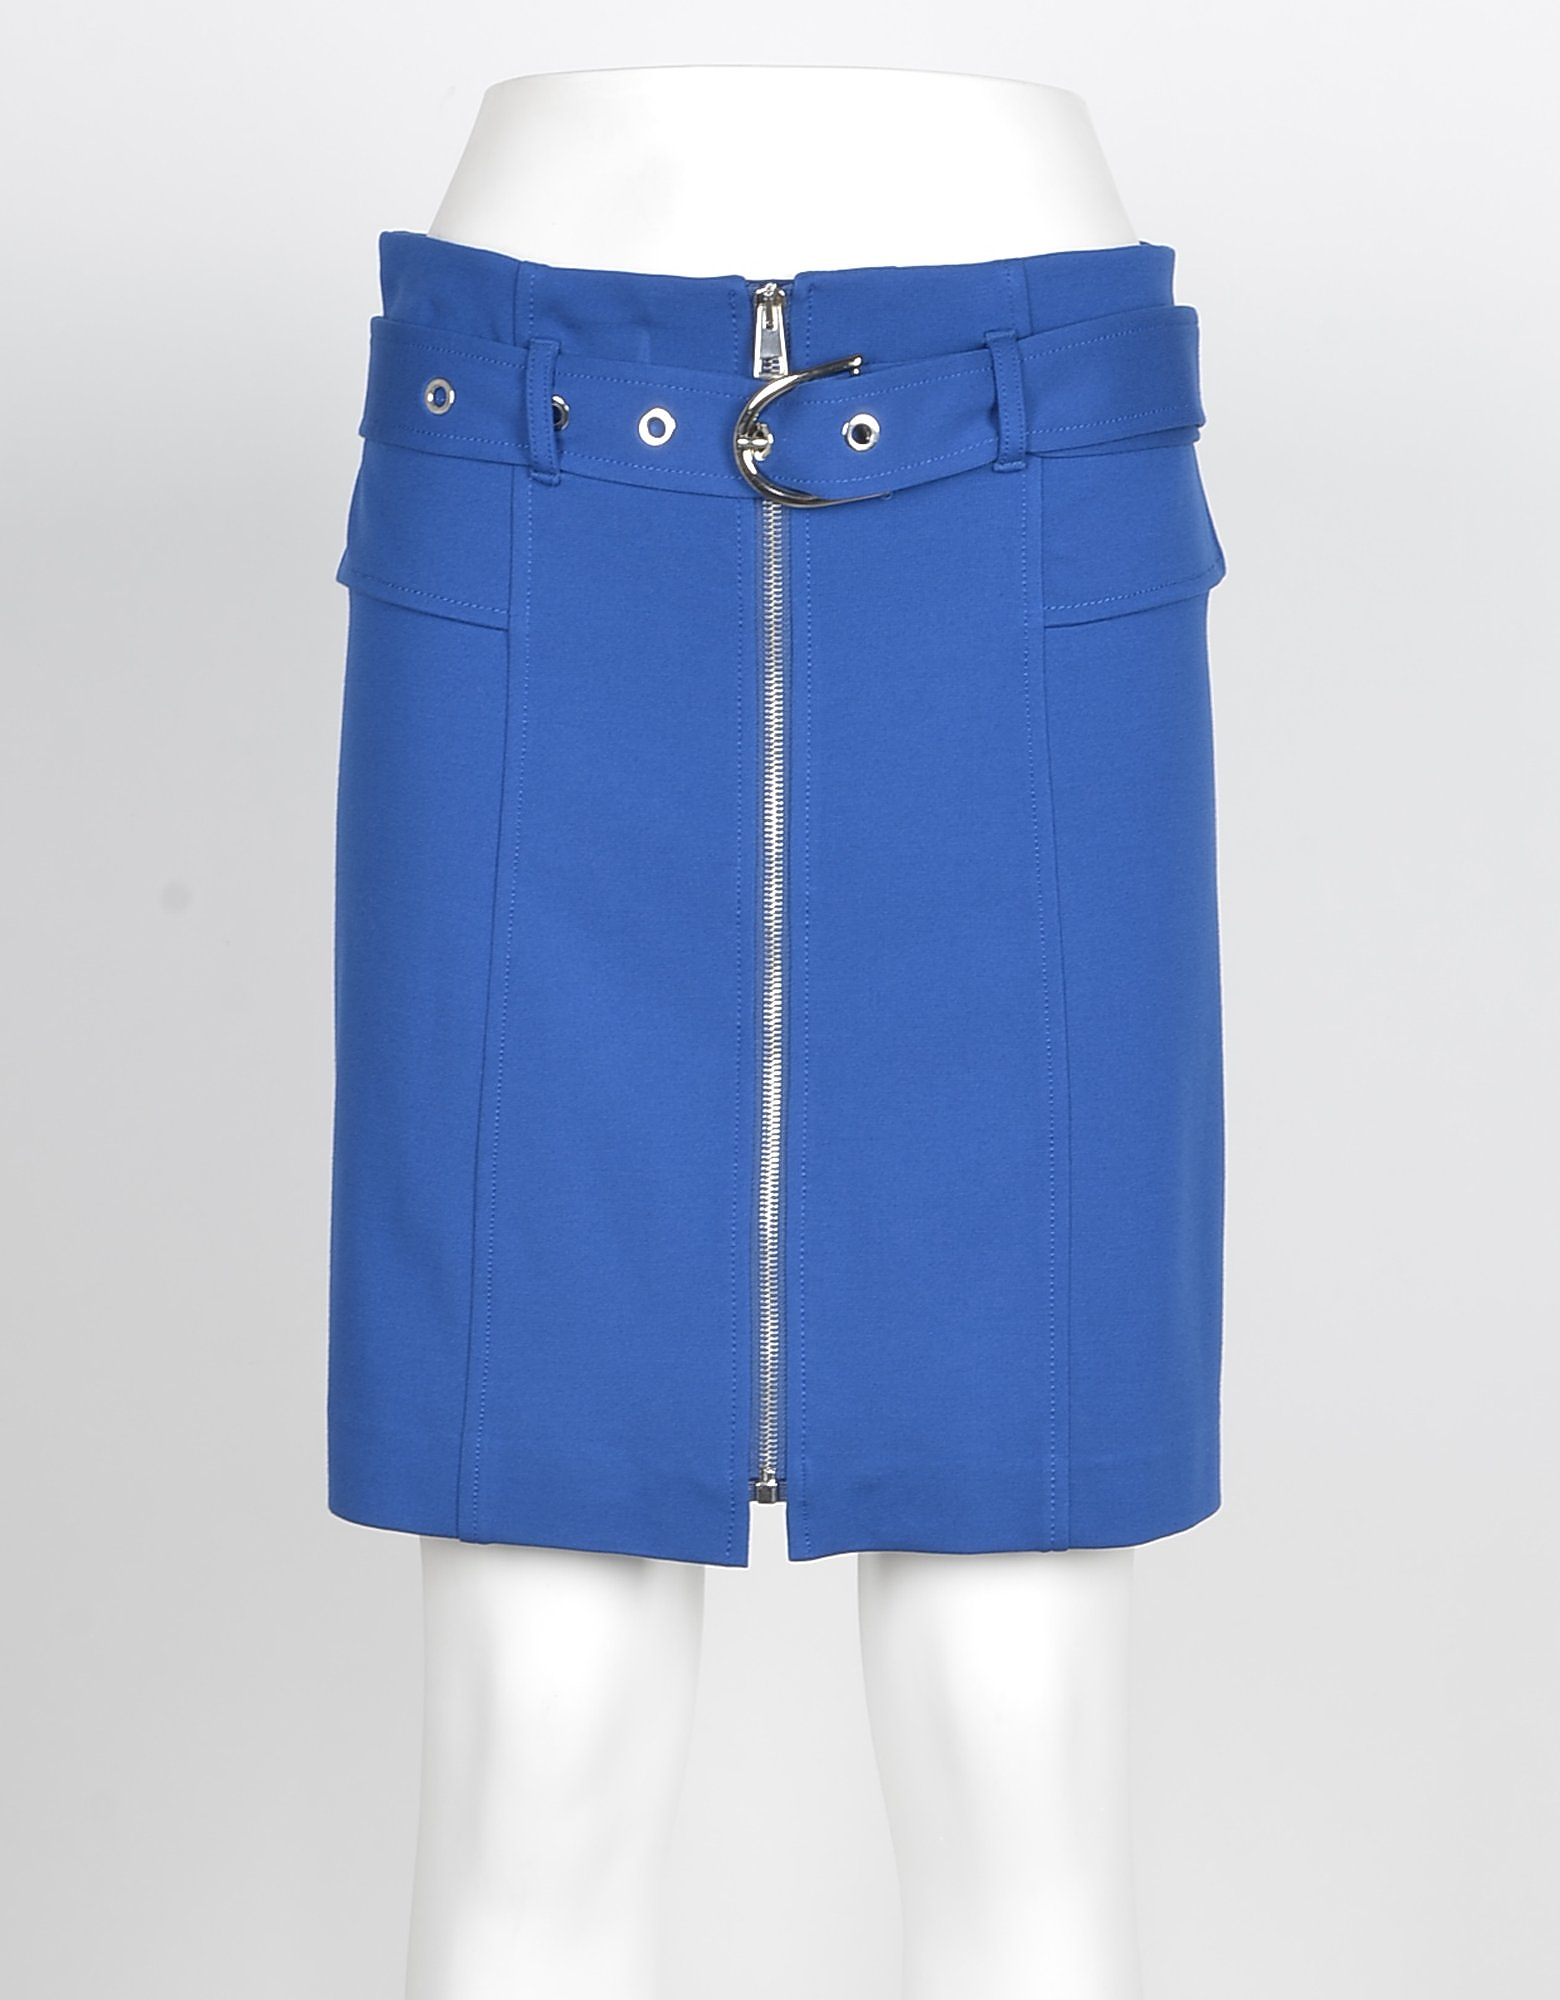 Pinko Designer Skirts, Women's Light Blue Skirt